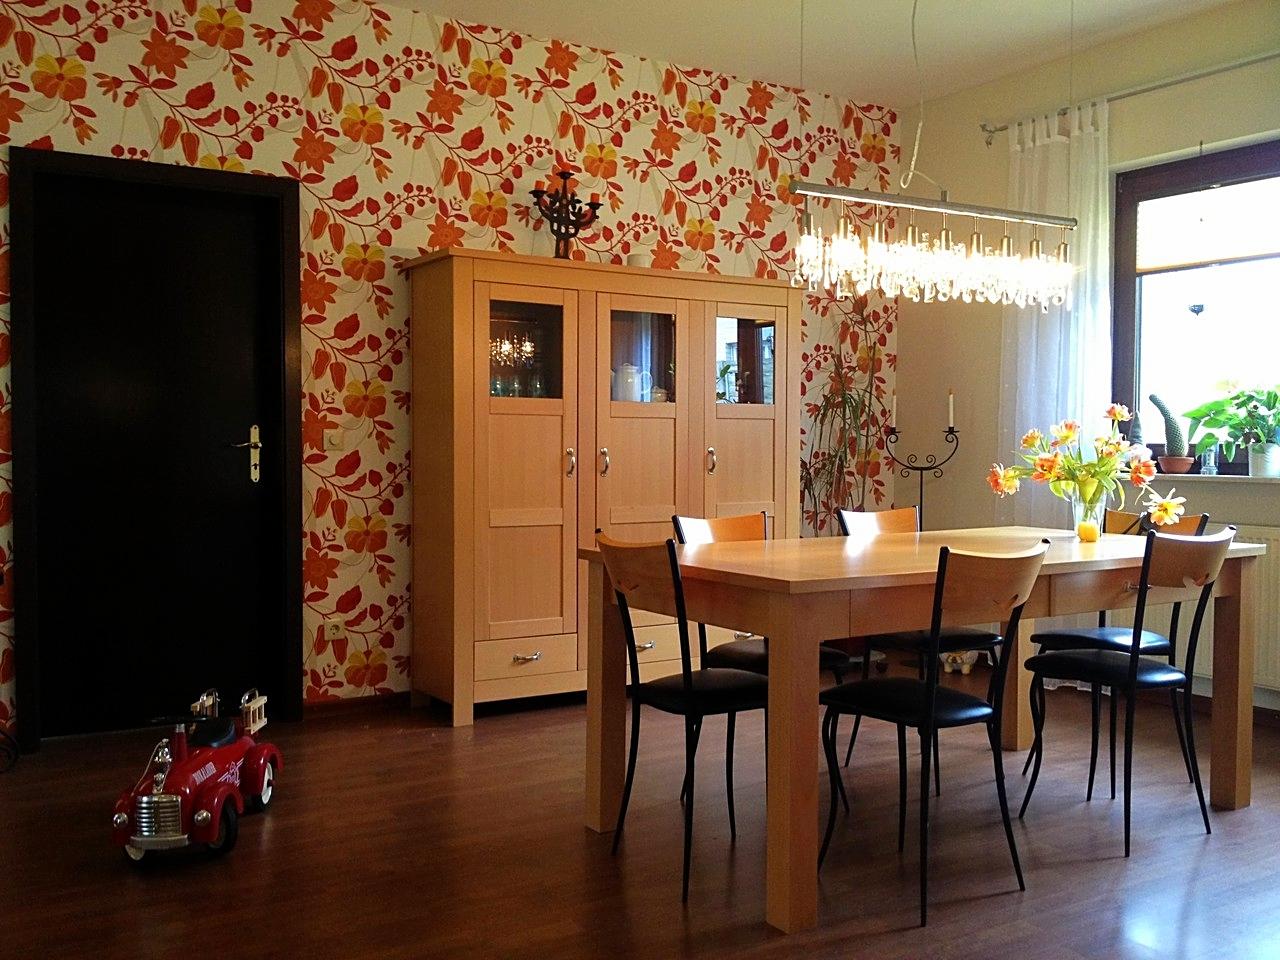 Essbereich mit Tapete im ausdrucksstarken Design